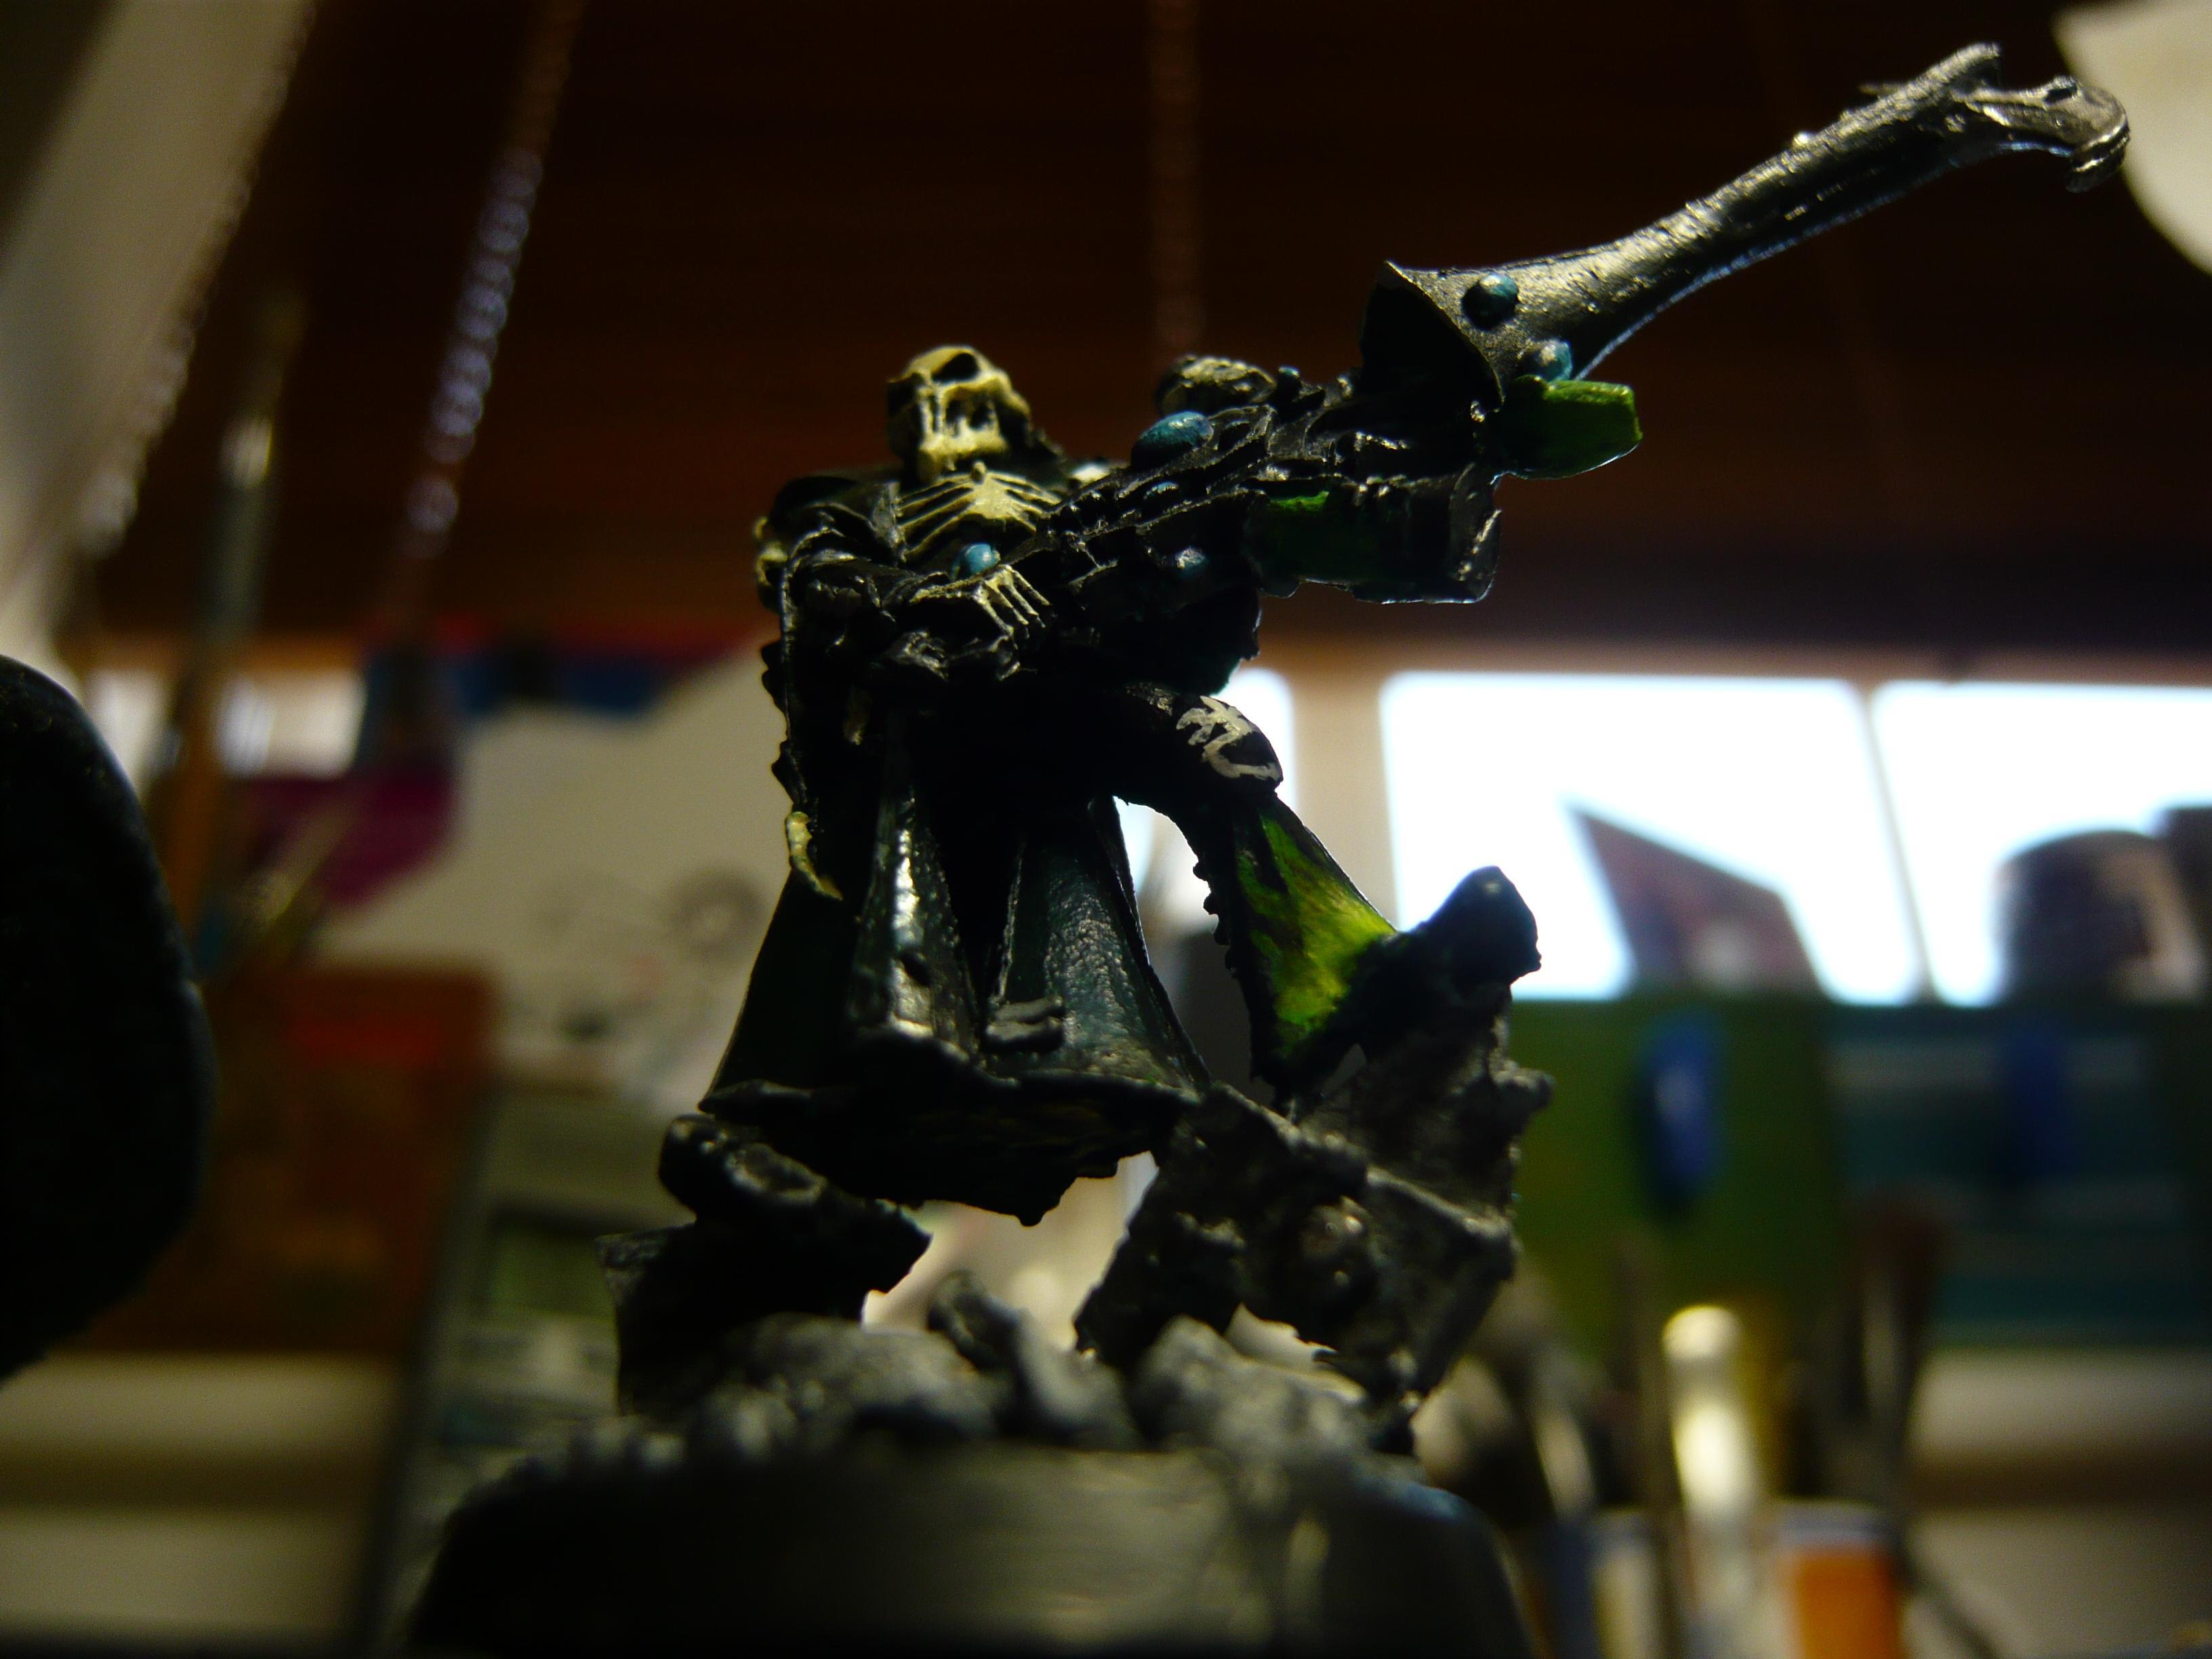 Dark Eldar, Death, Eldar, Harlequins, Jester, Mascot, Warhammer 40,000